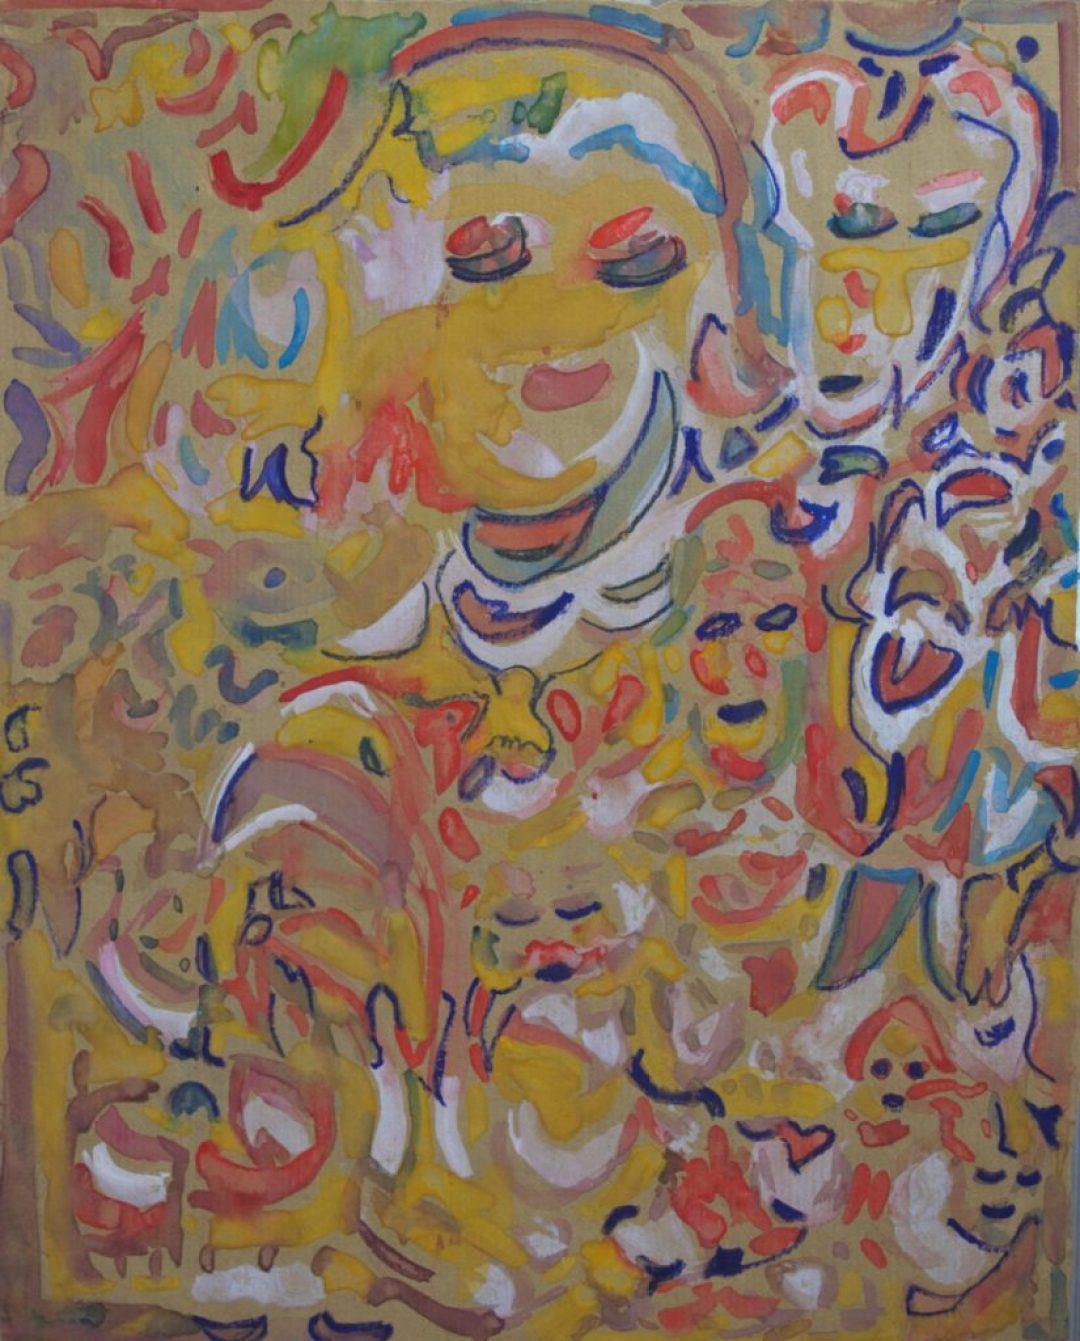 Martha Grünenwaldt, sans titre, nd, dessin au crayon mauve et gouache sur papier, 32 x 25,5 cm